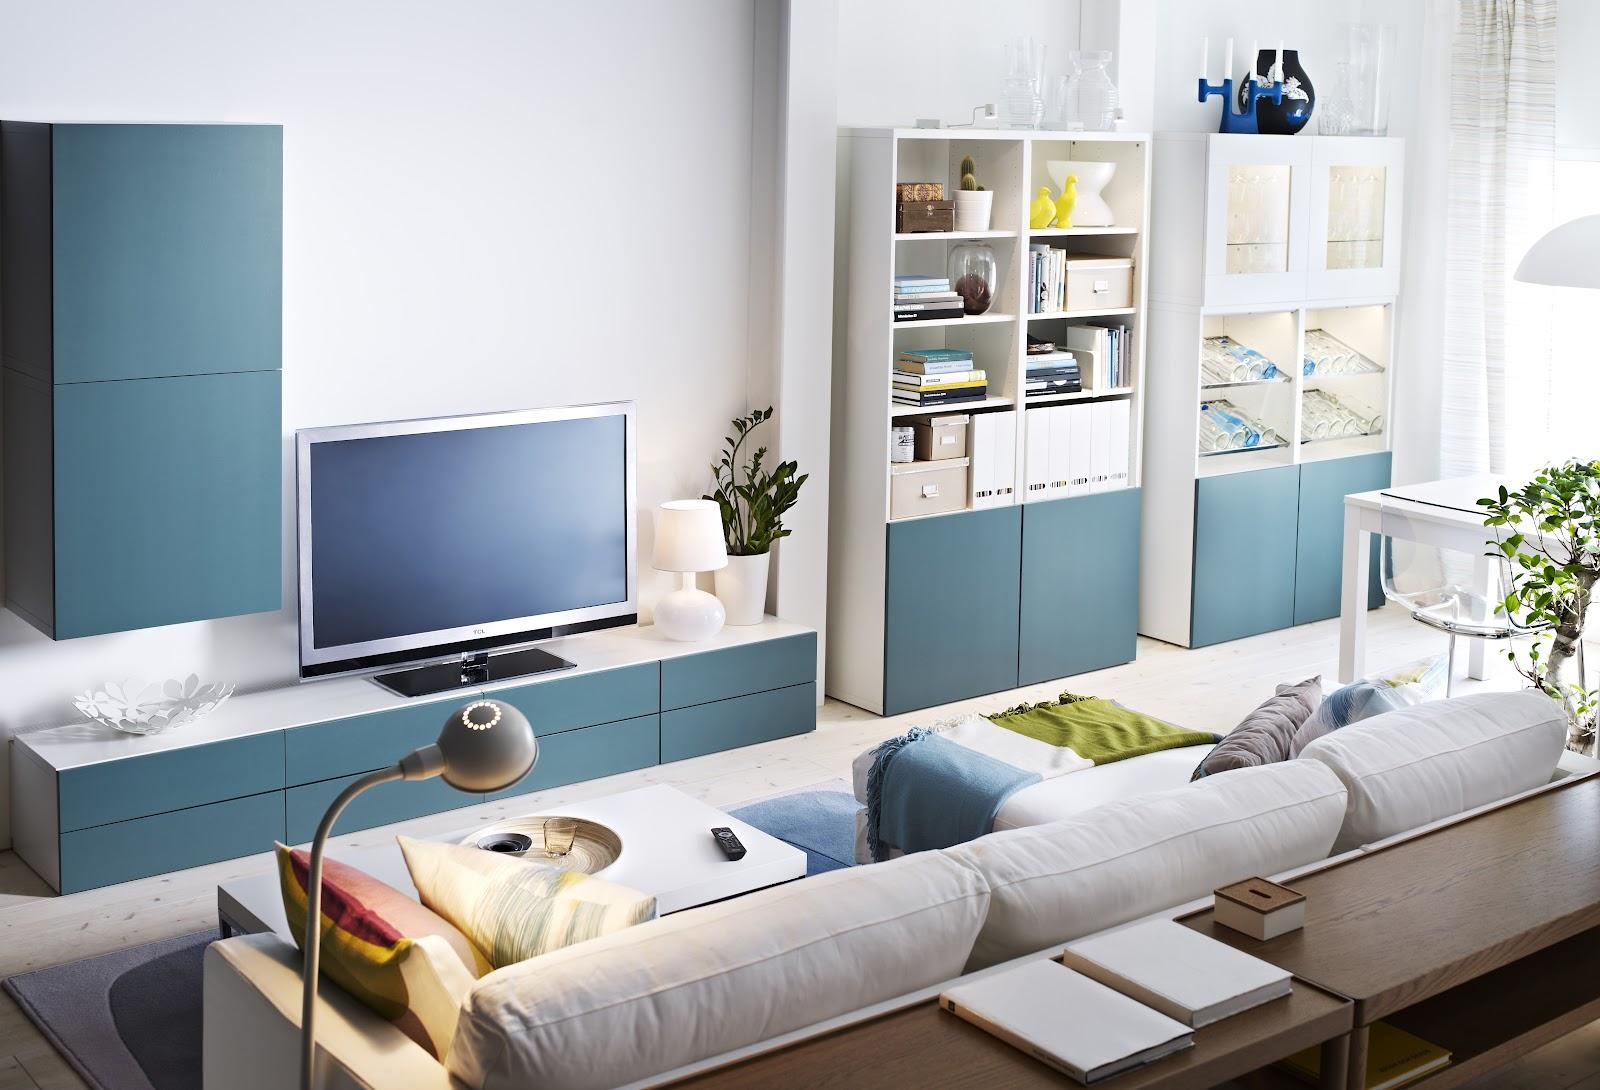 Fotos Decoracion Salones Ikea ~   IKEA 2013 y para empezar  qu? tal si le echamos un vistazo a las